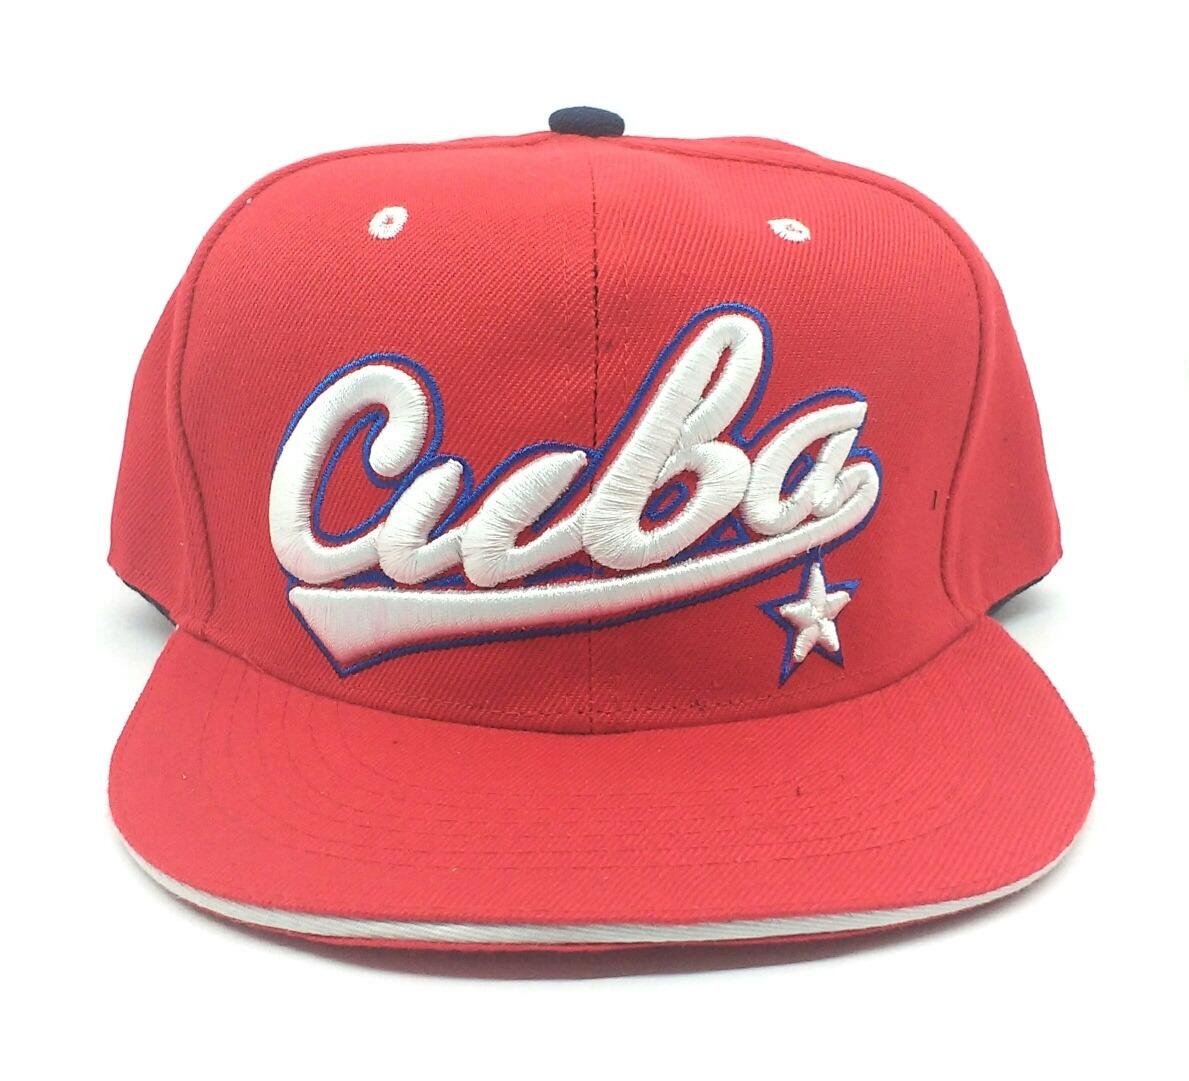 8b6b91a4d0132 Gorra Visera Plana Snapback Calidad Premium Bordada Cuba -   349